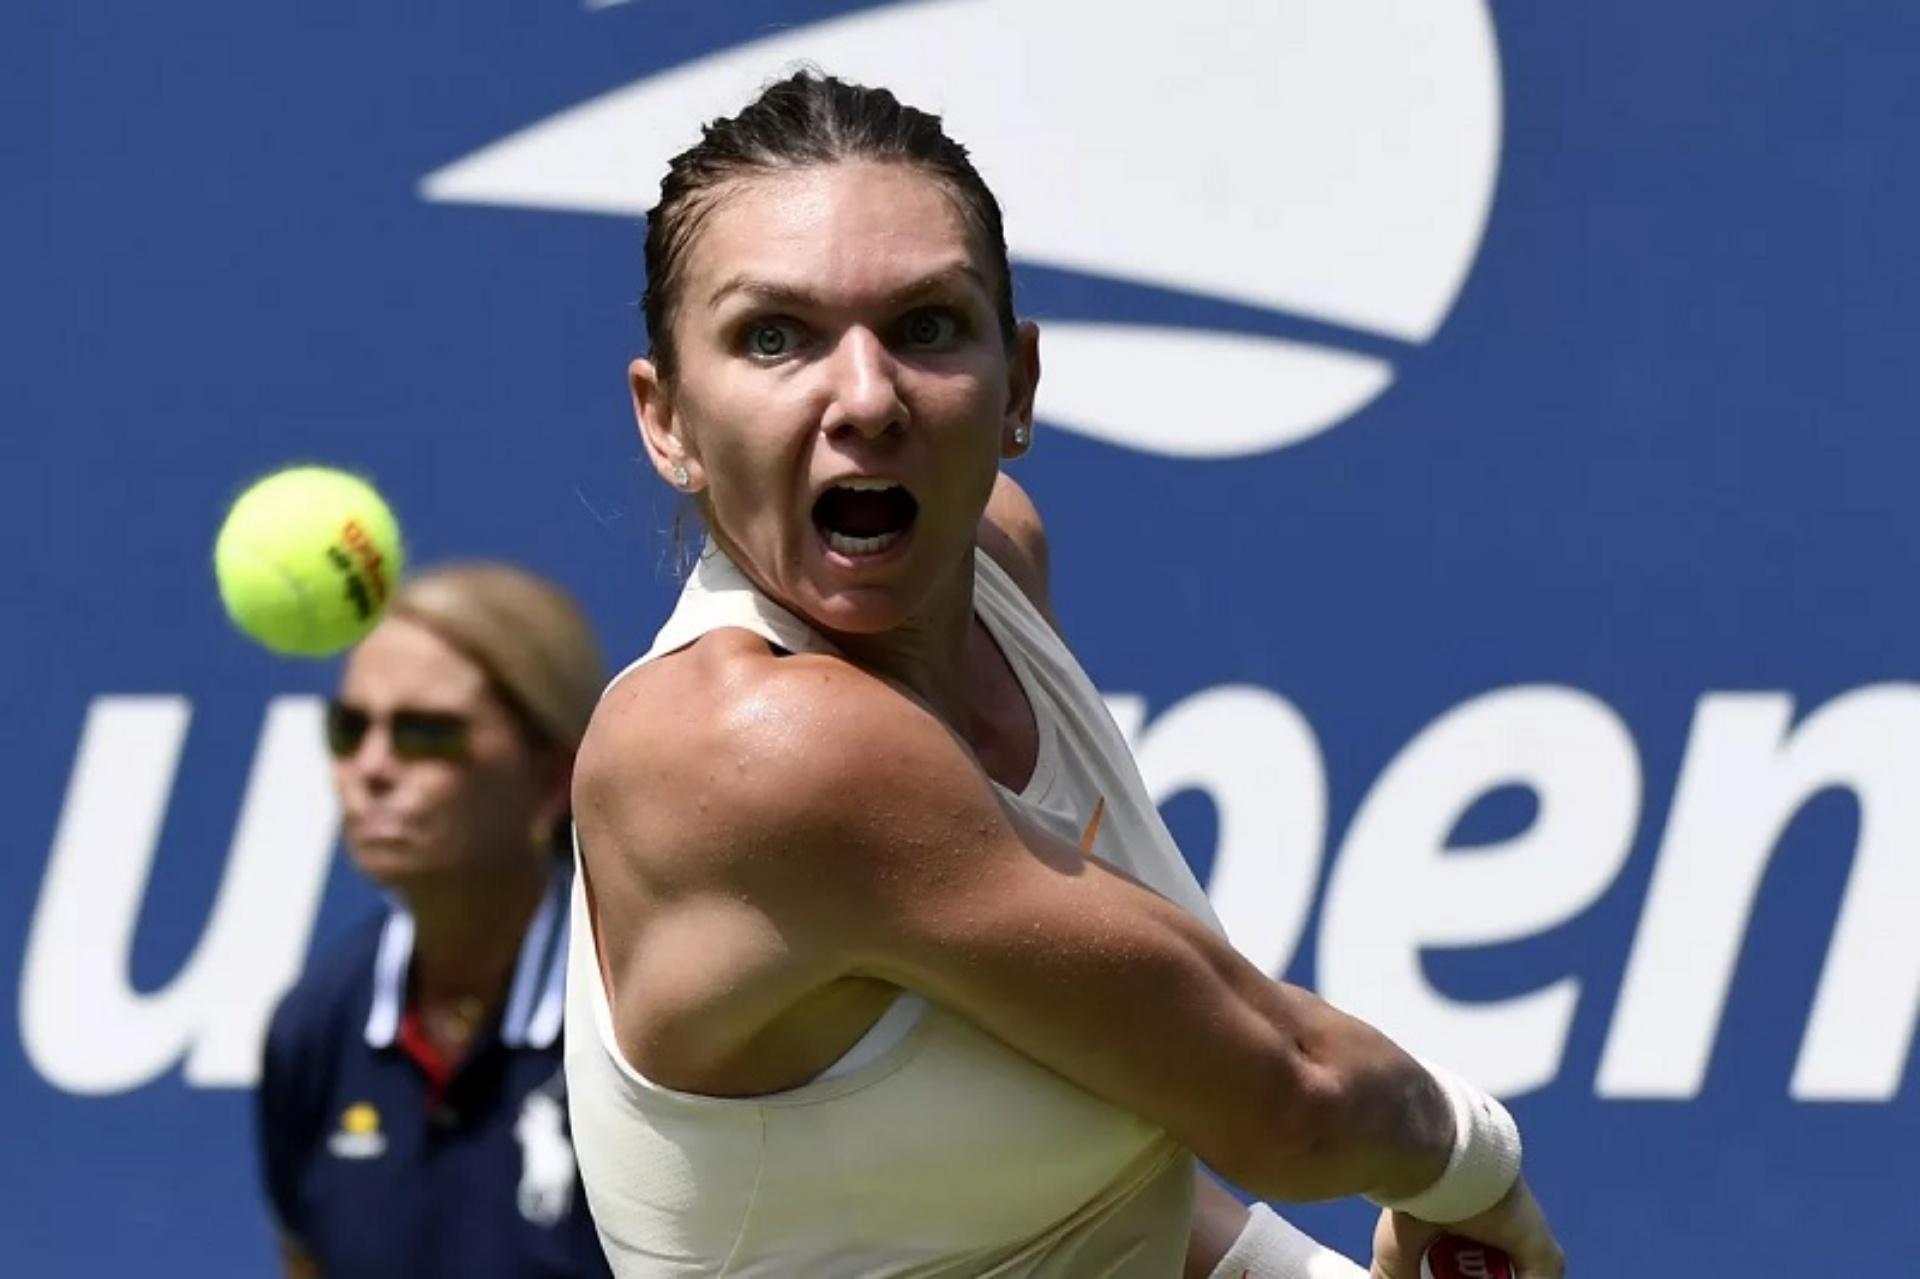 Răsturnare de situație: Simona Halep ar putea participa US Open 2020!